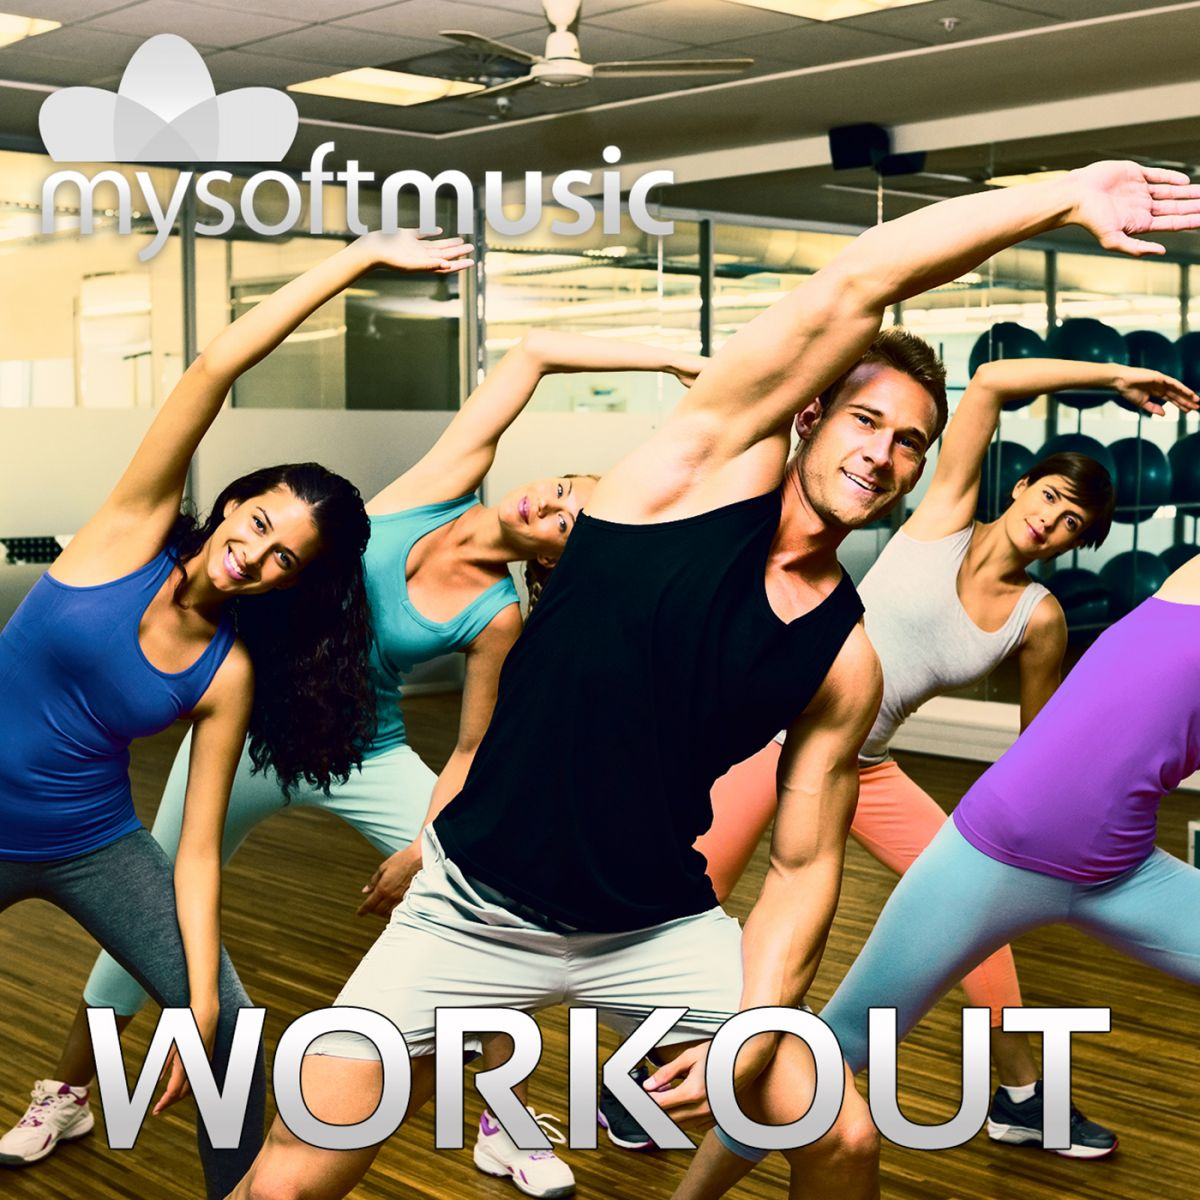 Workout music download mp3 | mysoftmusic